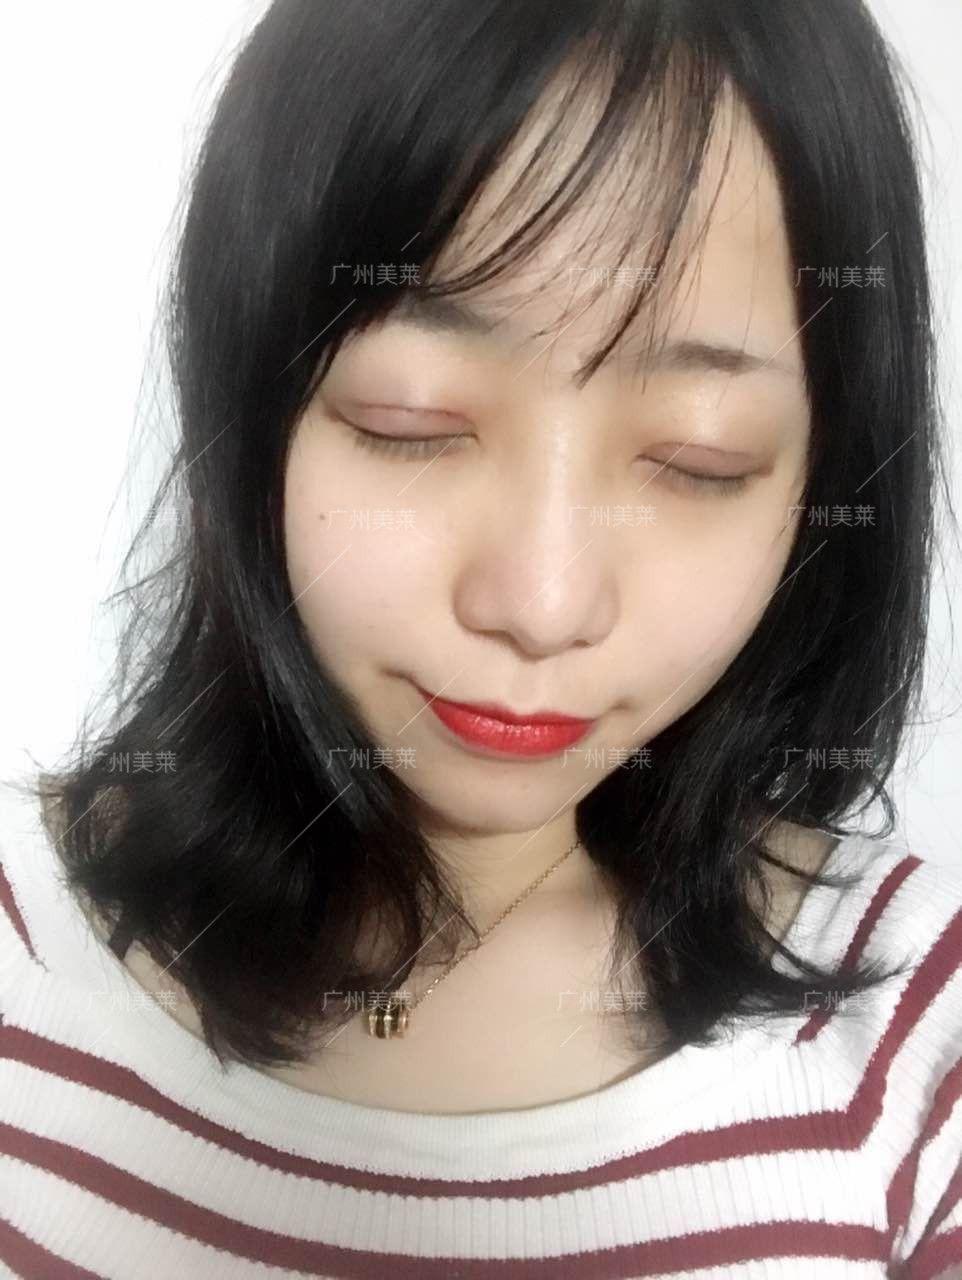 红肿已经明显比前两天消肿了很多,眼皮舒服了很多。割完双眼皮伤口不能碰水,洗头洗脸会不方便。所以提醒大家:术前一定要清洁好,不要化妆。吃东西要清淡,保持好心情多休息也有利于恢复。